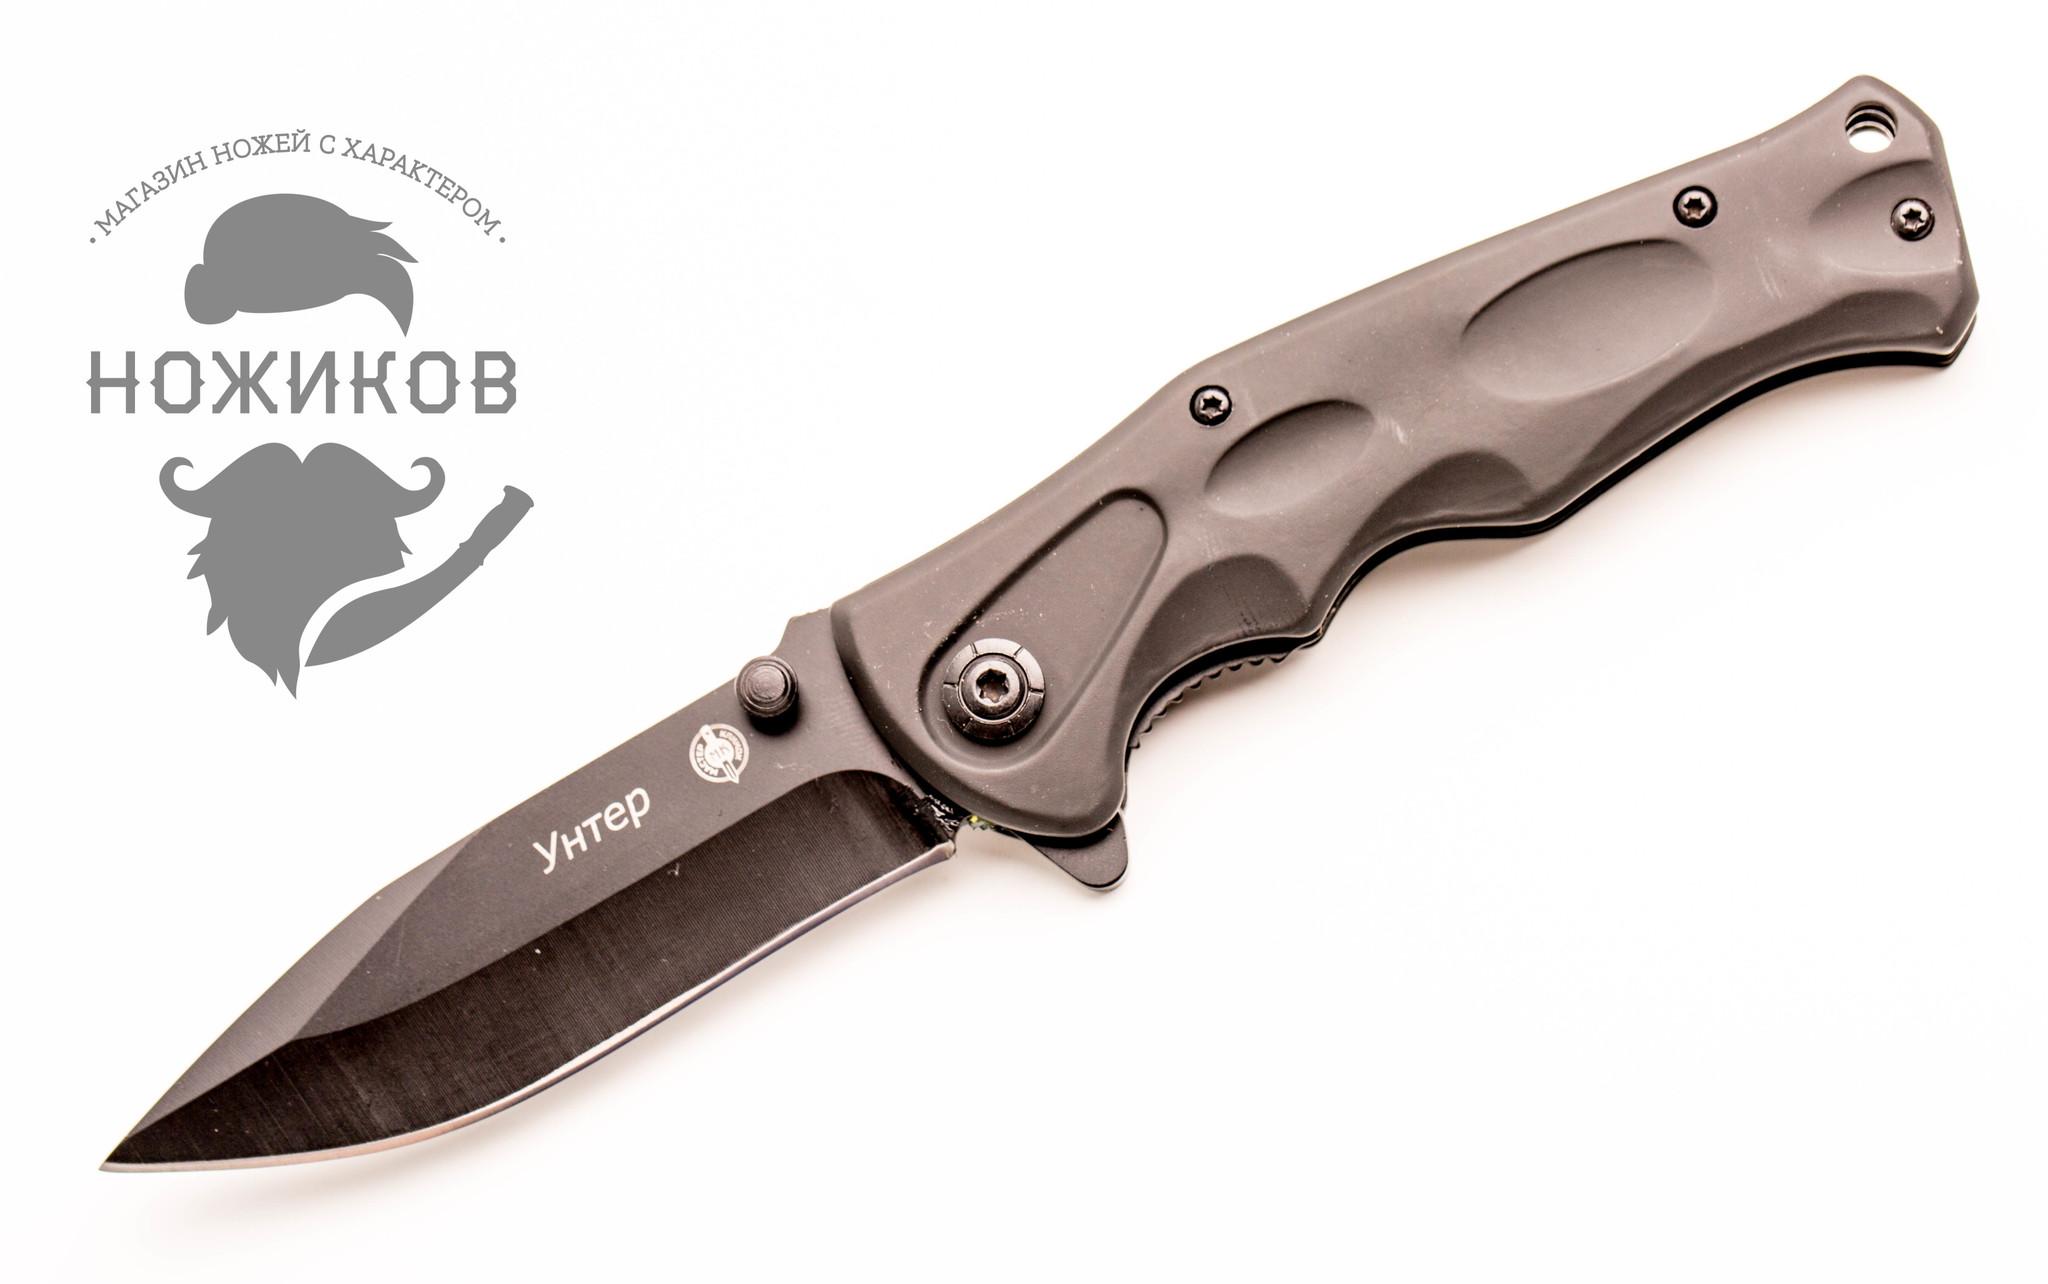 Фото 2 - Нож складной Унтер от Viking Nordway